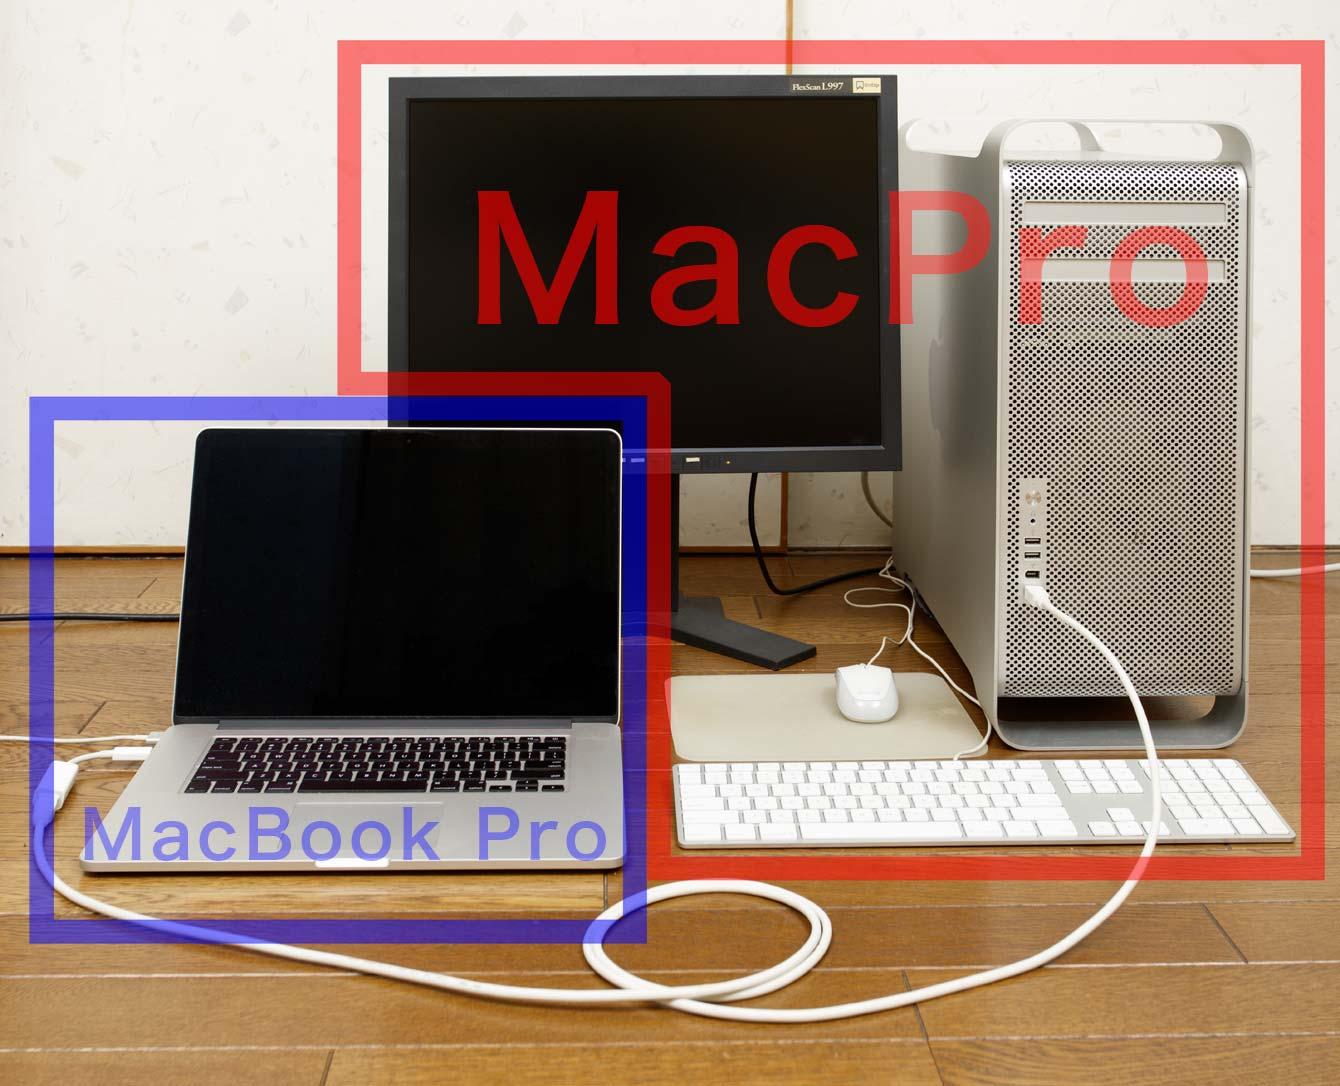 接続されている2台のMac